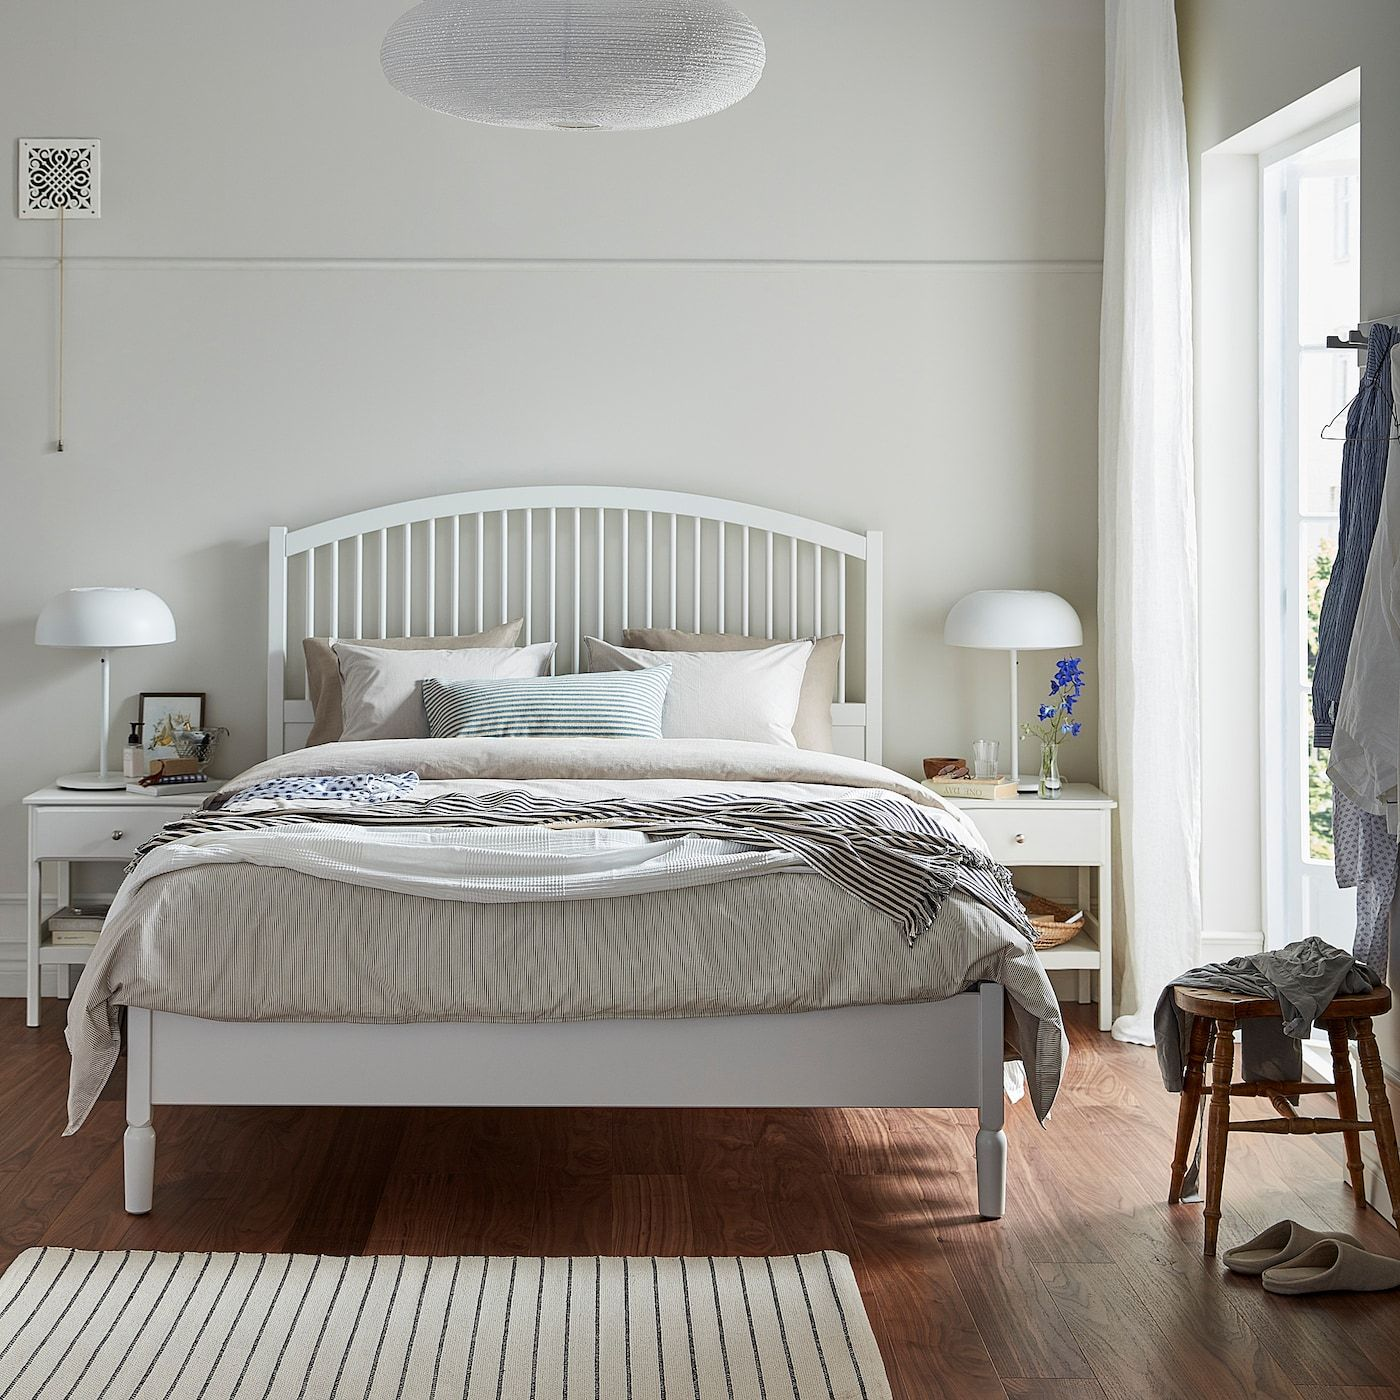 Tyssedal Bed Frame White Luroy Full Ikea White Bed Frame Bed Frame Ikea Tyssedal